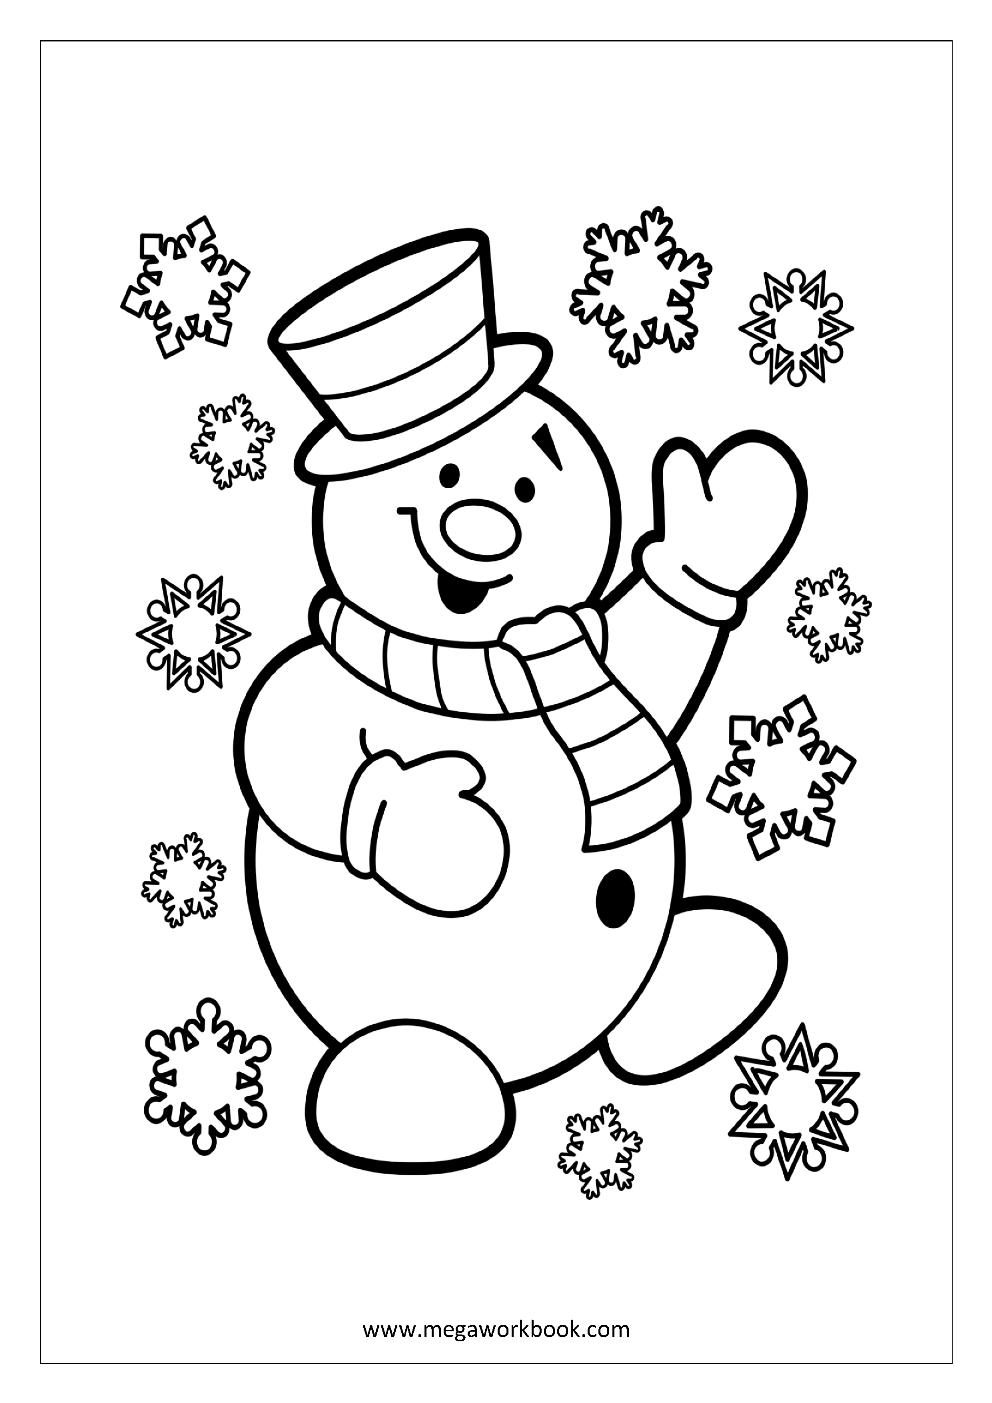 Winter Und Schnee Weihnachten Malvorlagen Weihnachtsmalvorlagen Malvorlagen Weihnachten Malbuch Vorlagen